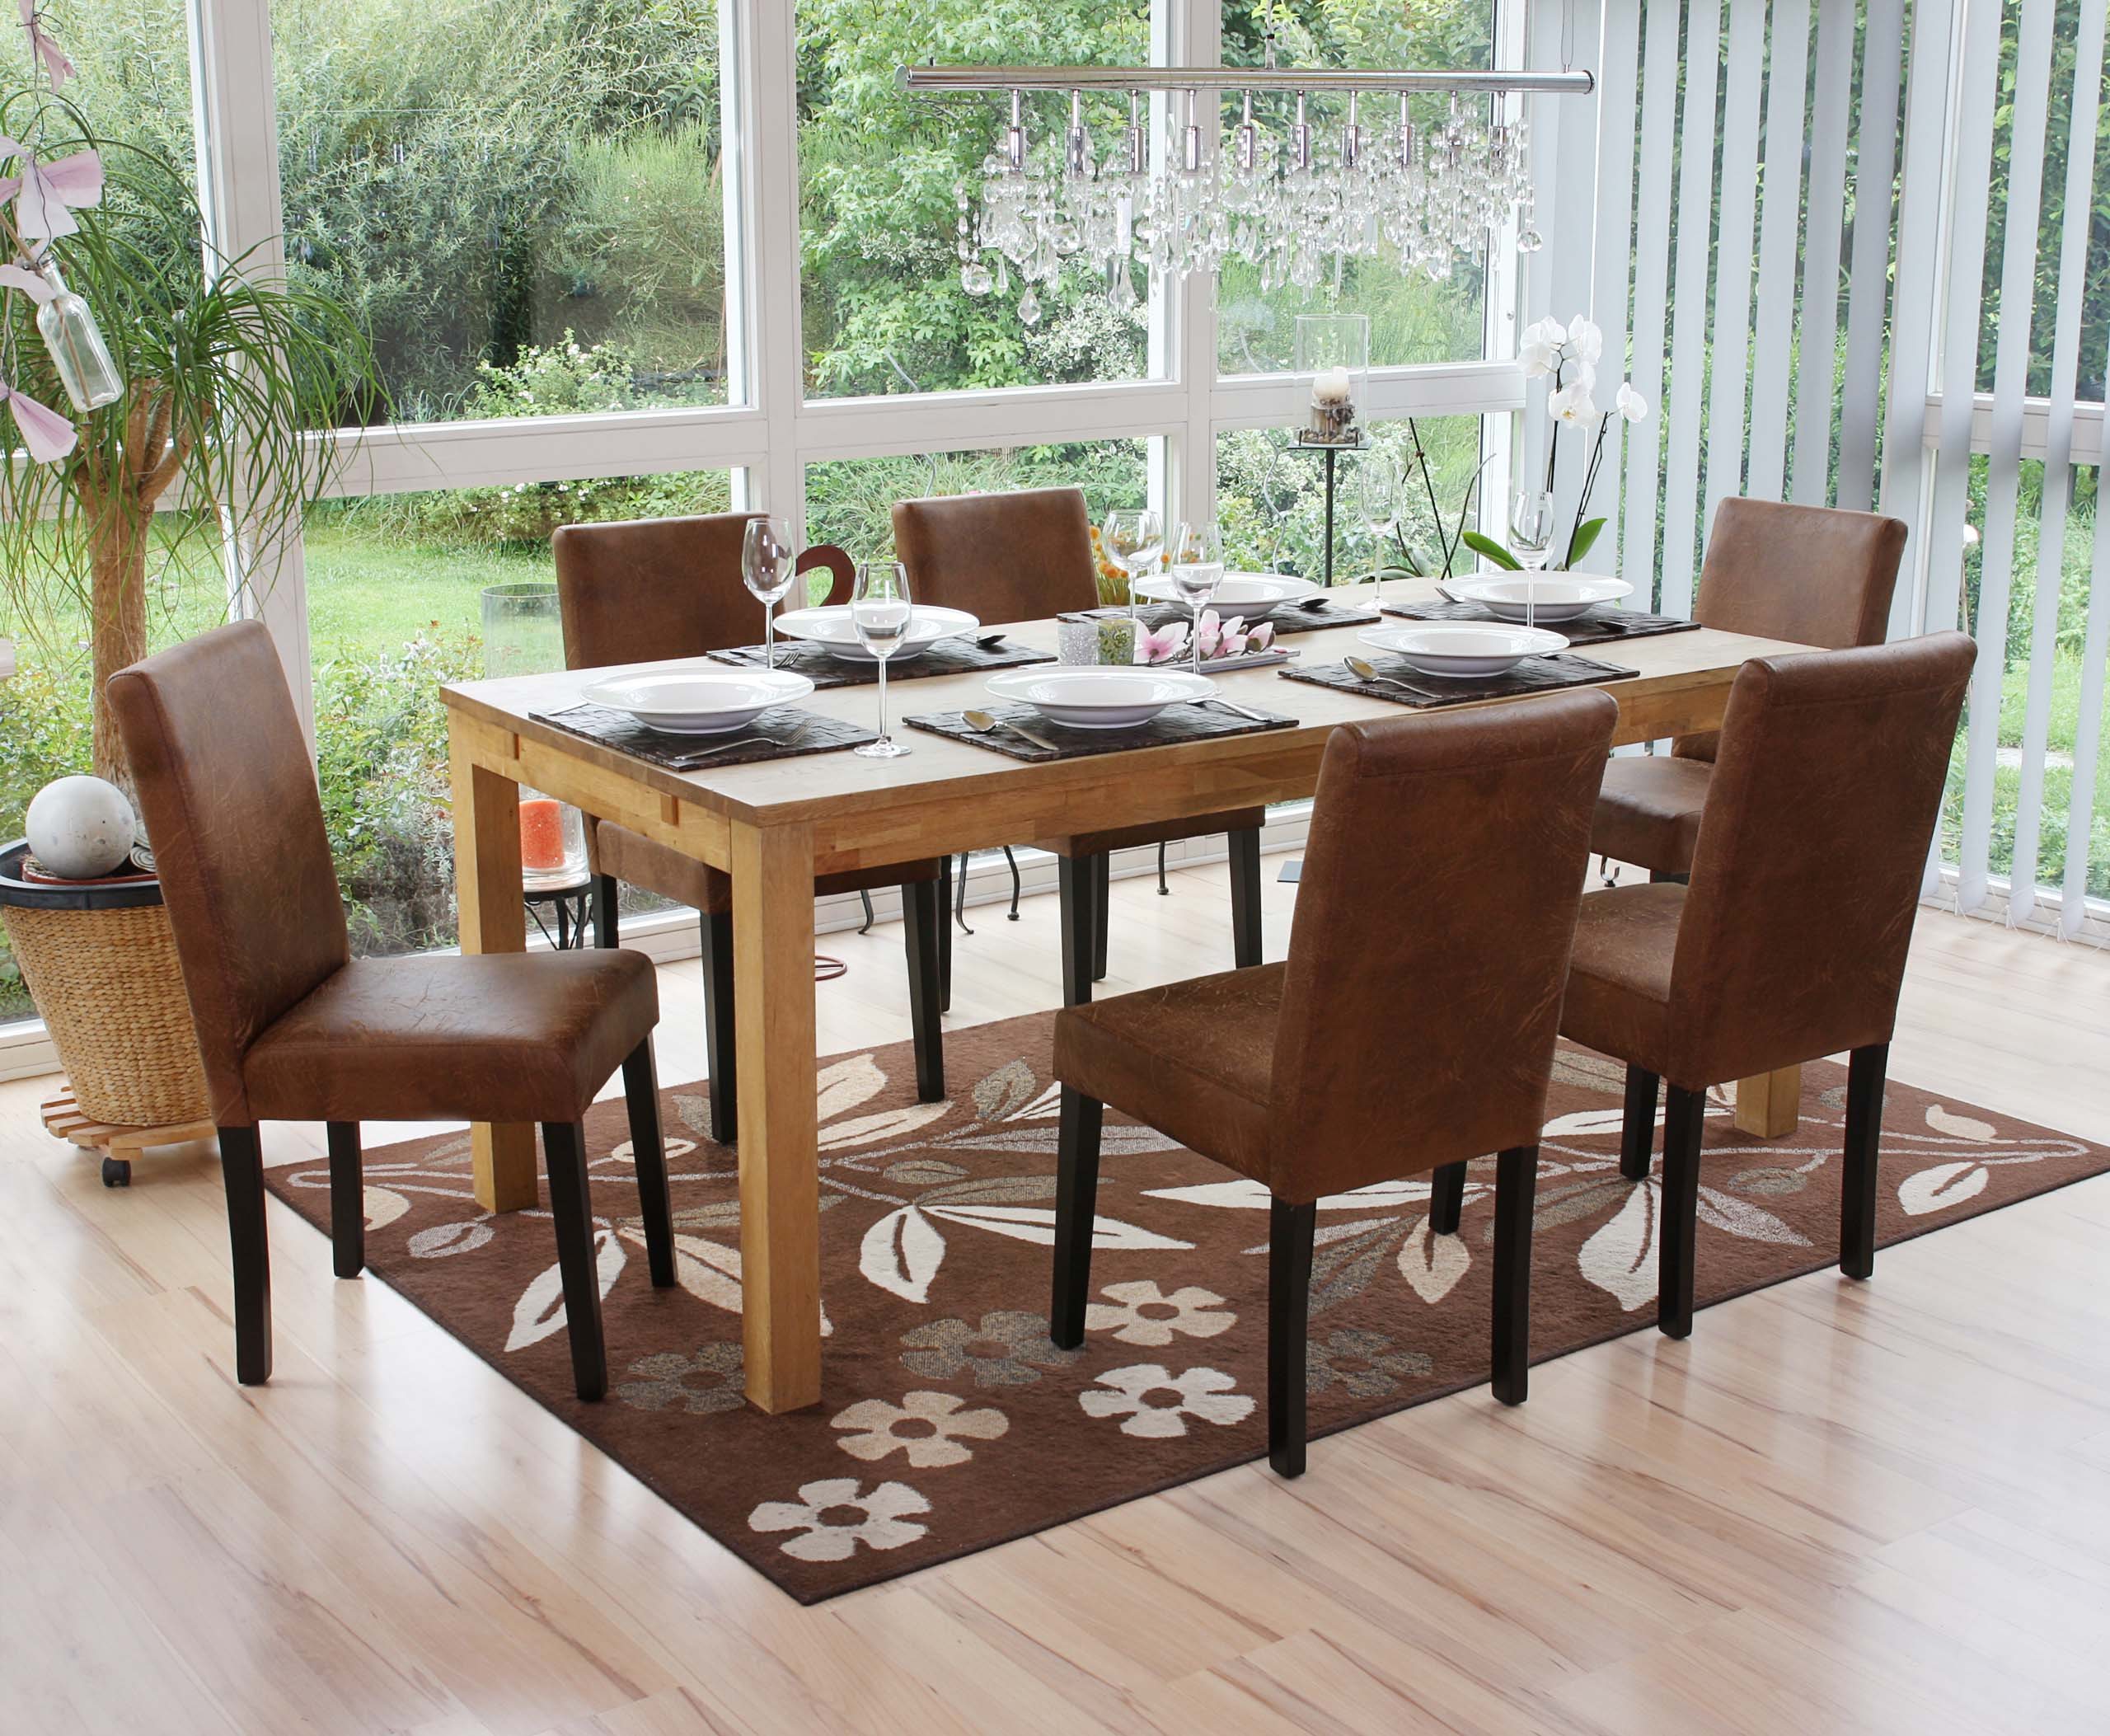 Détails div de chaises foncés Lot de coloris séjour clairs cuirpieds sur 2 Littausimili ALj54R